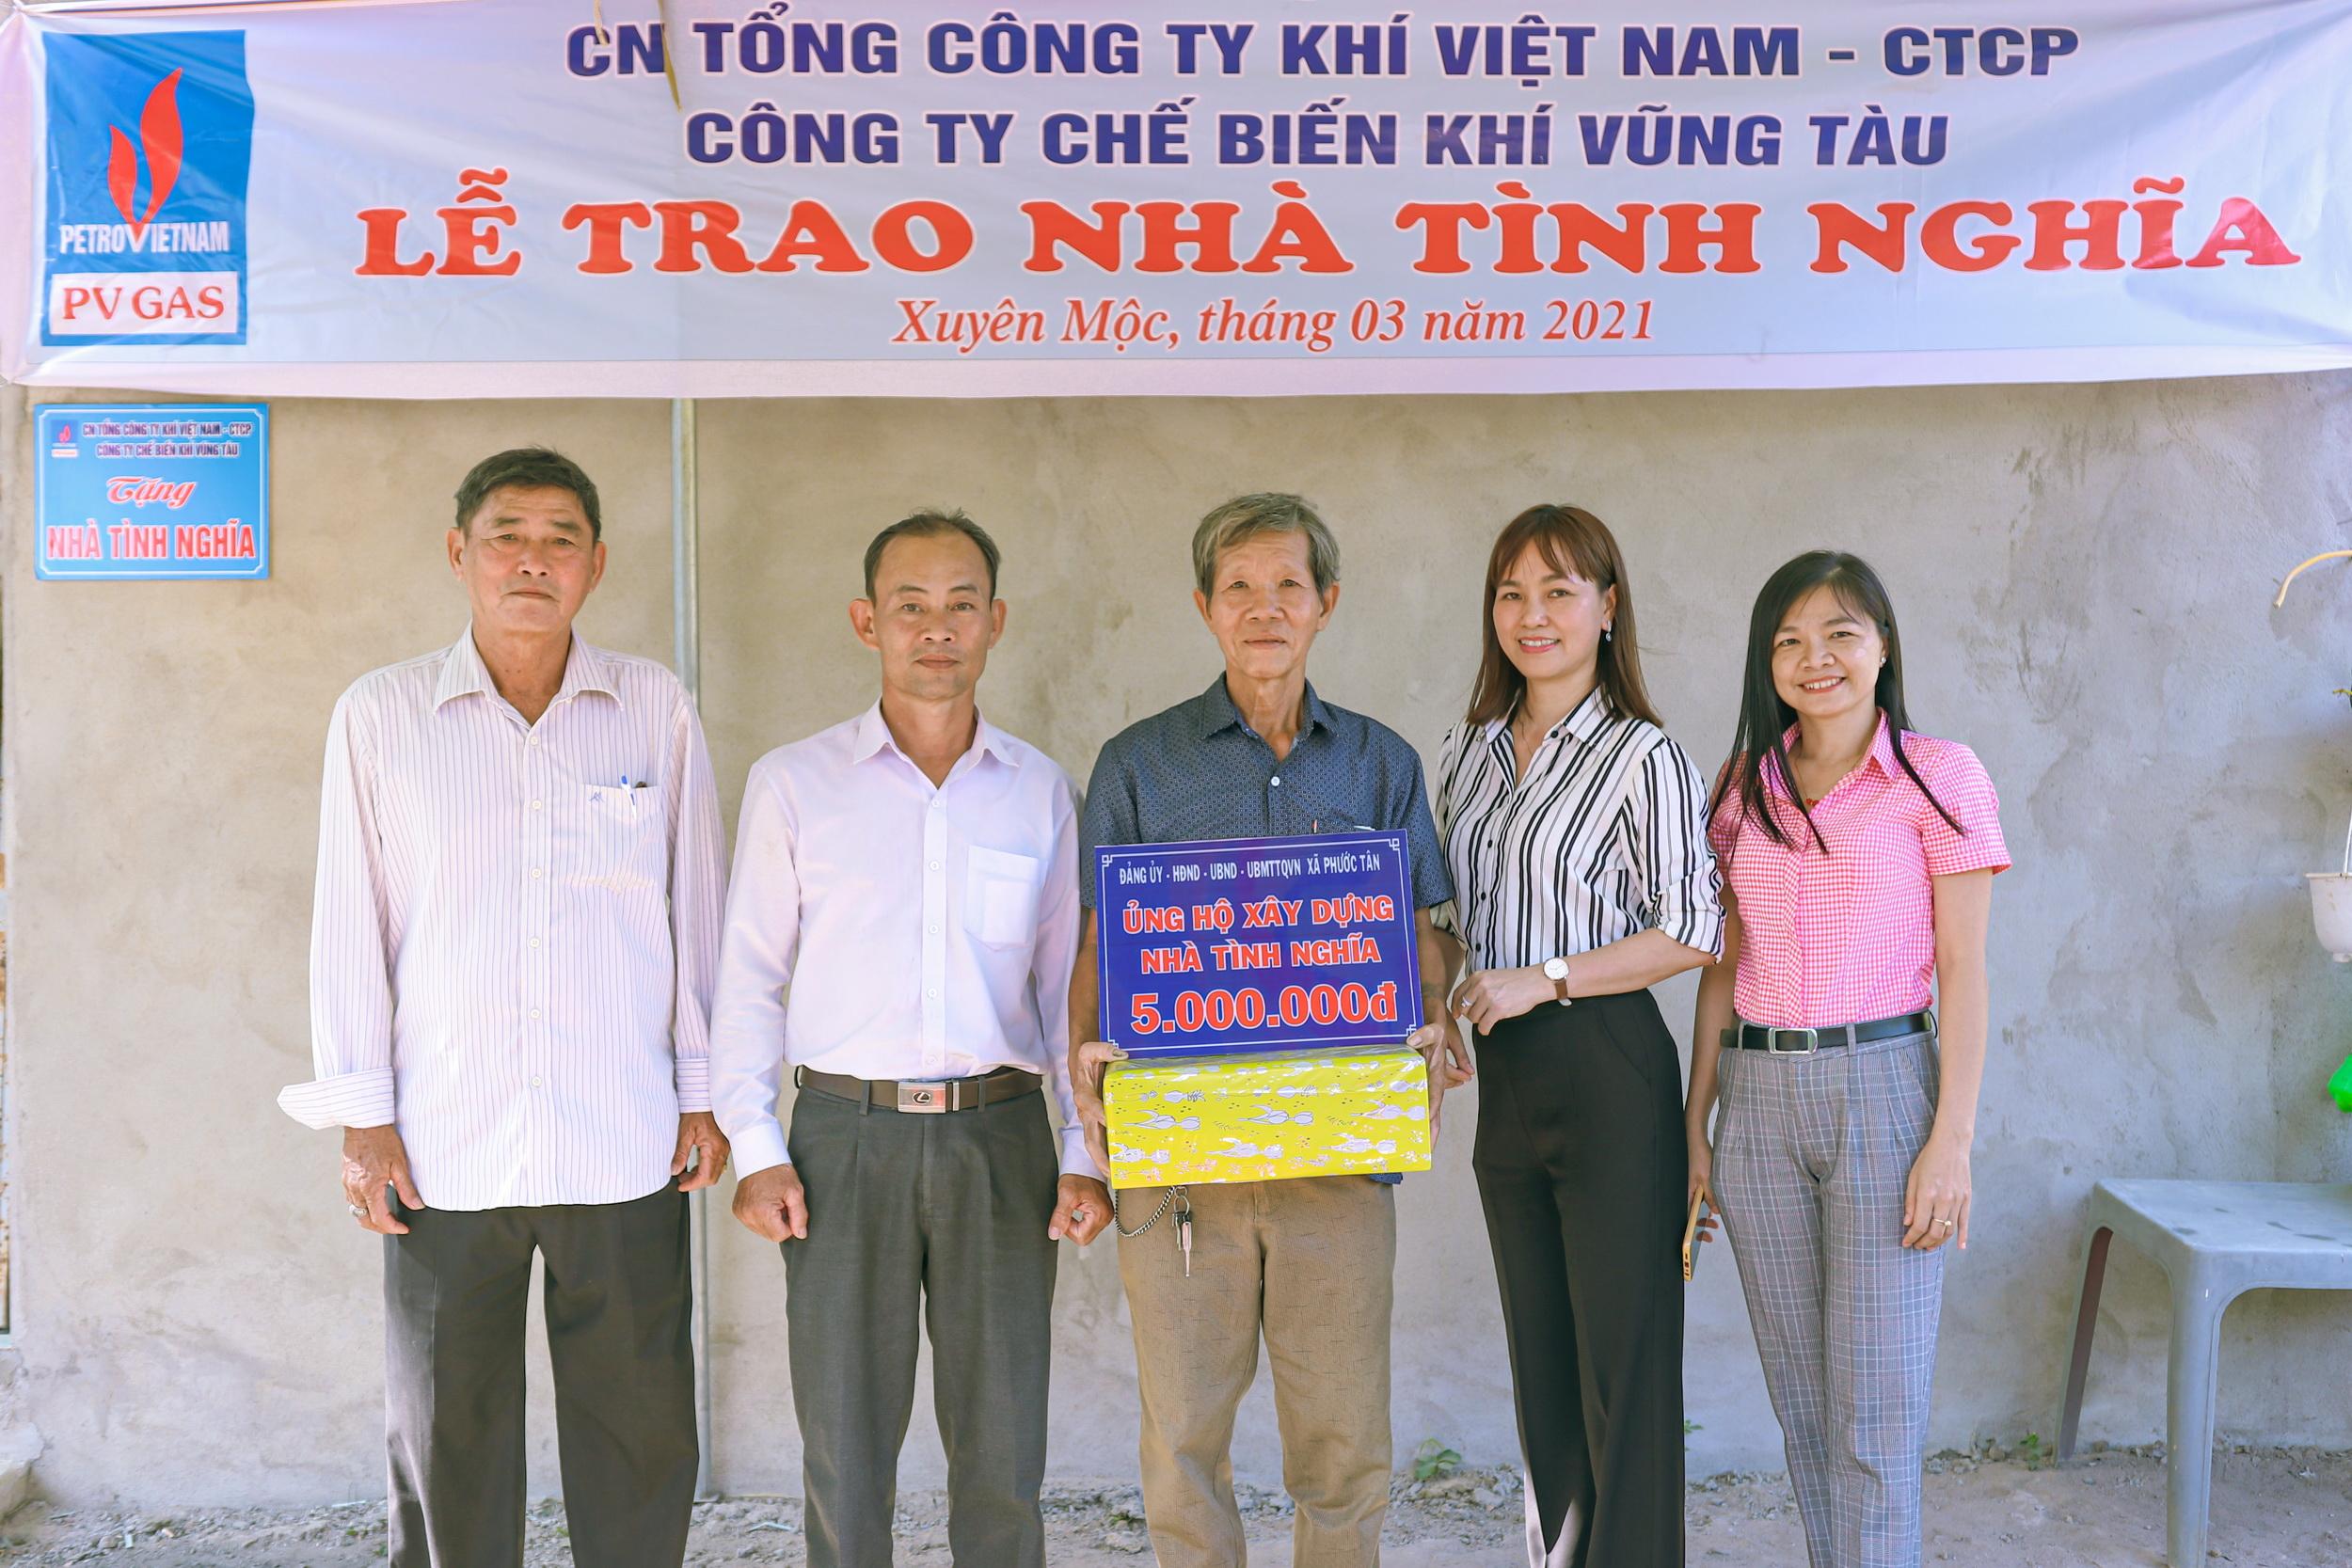 Chính quyền Xuyên Mộc hỗ trợ các gia đình ổn định cuộc sống mới